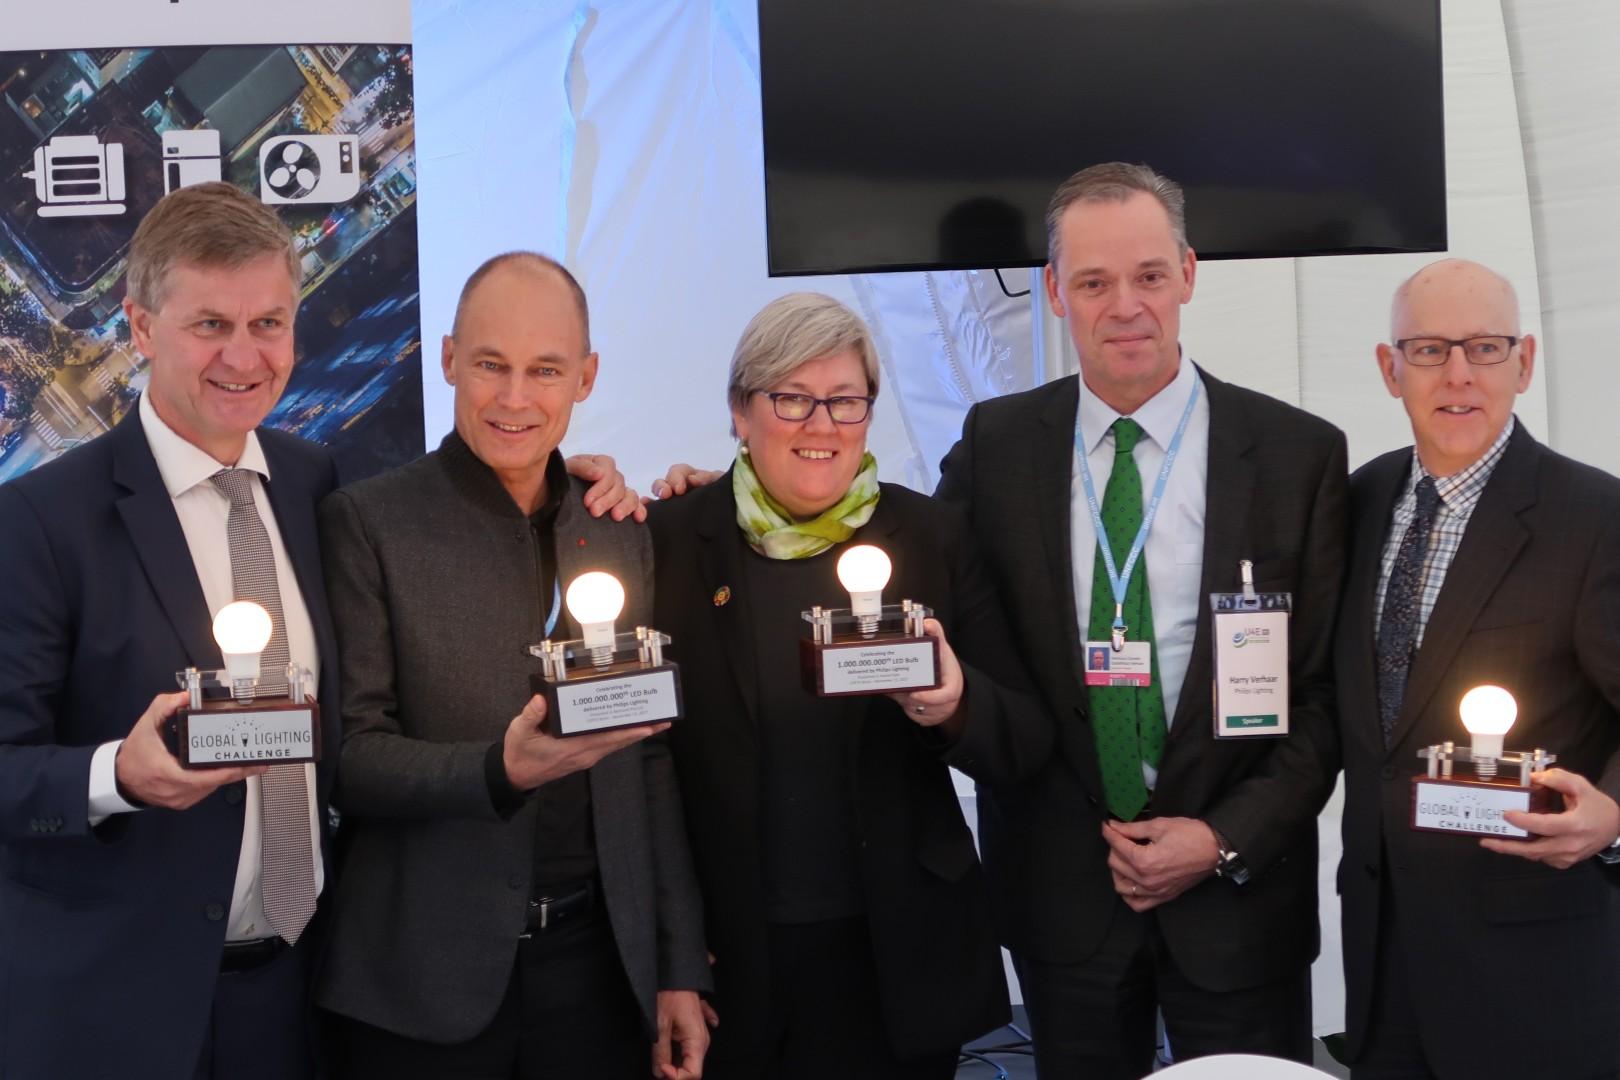 Philips Aydınlatma, 2 milyarlık LED ampul satışında yolu yarıladı